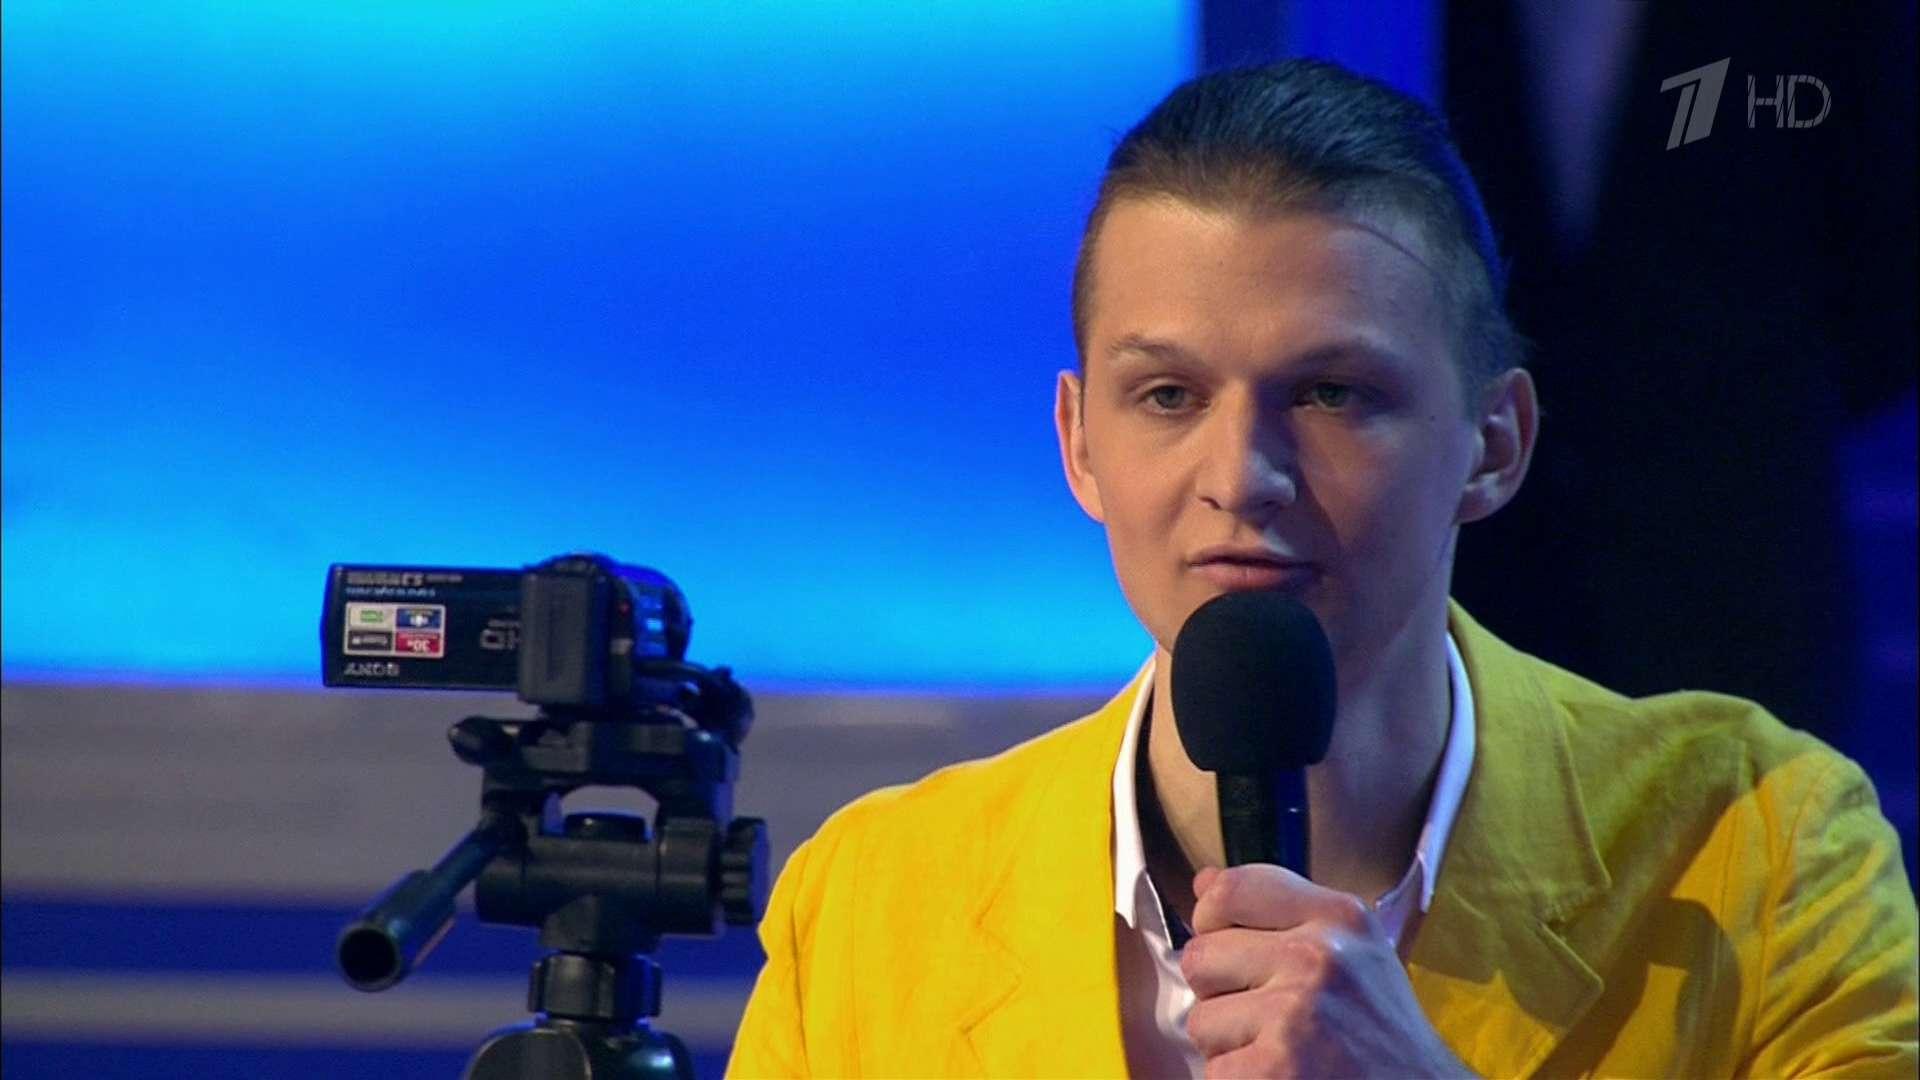 КВН 2014. Высшая лига. Второй полуфинал [26.10] | HDTV 1080i